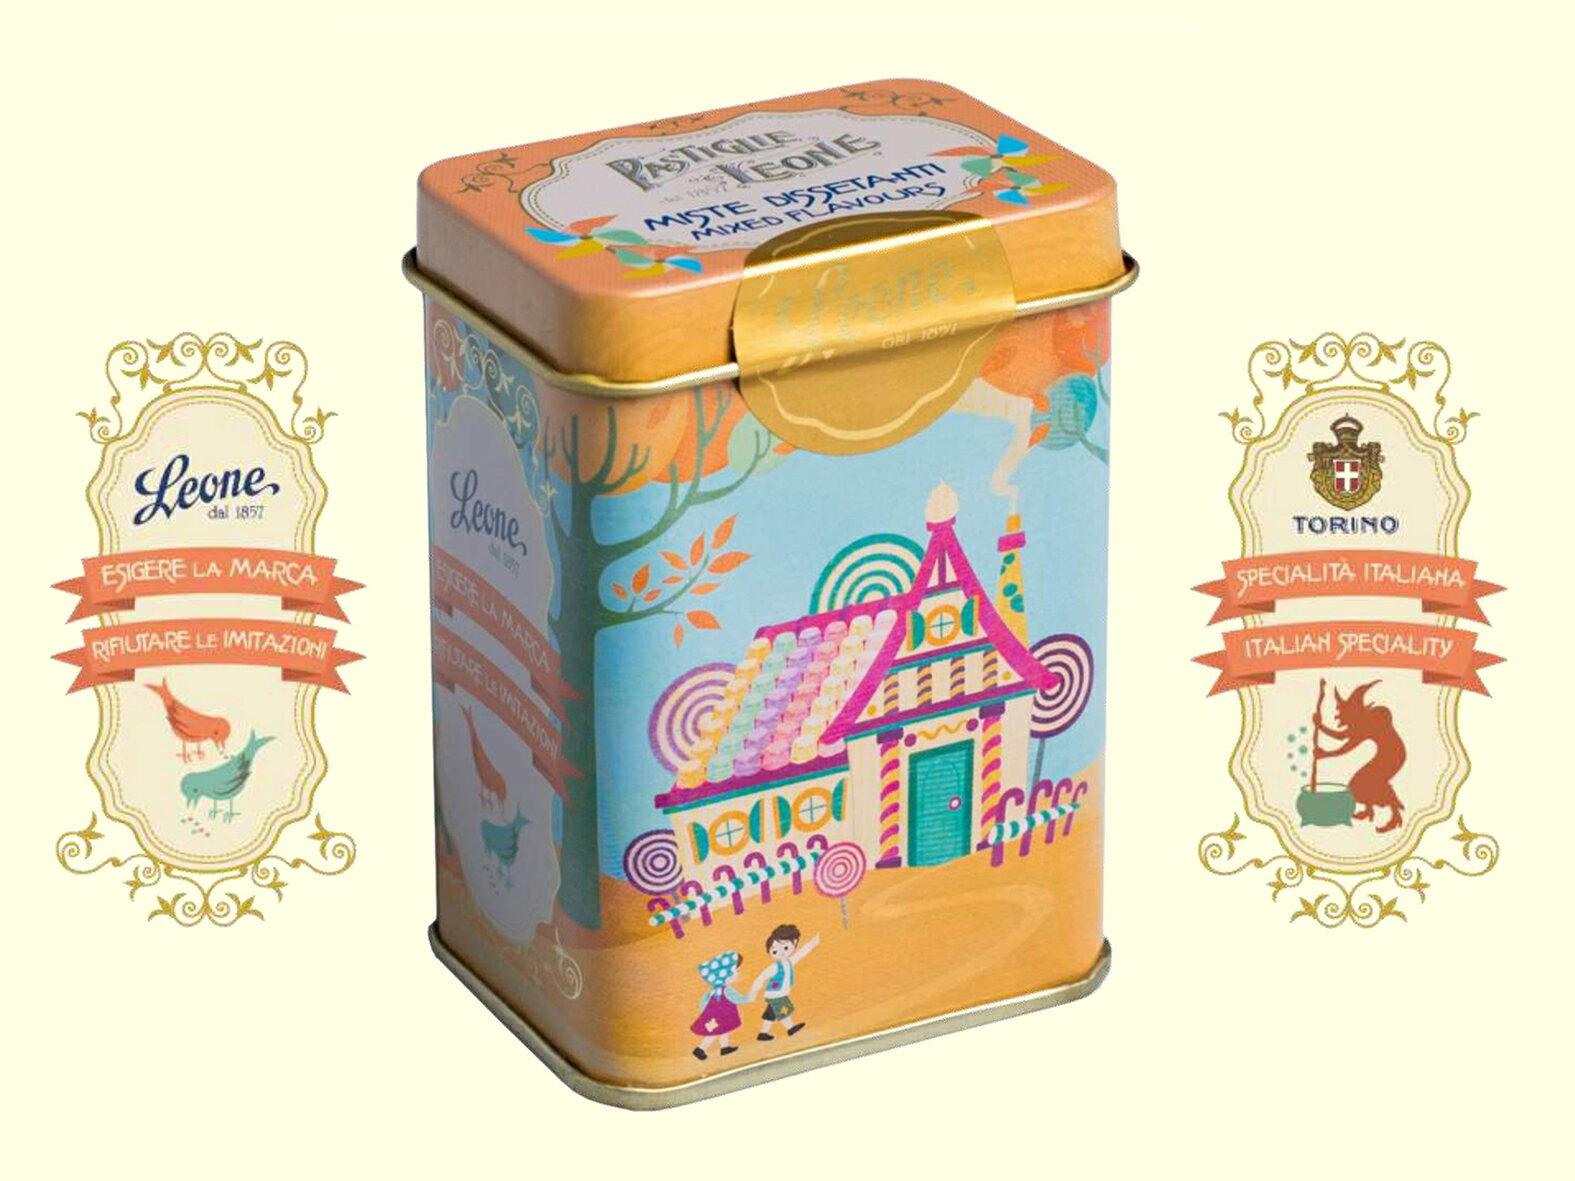 【PASTIGLIE LEONE里歐雷糖果】童話系列鐵罐★糖果屋~綜合口味★ - 限時優惠好康折扣